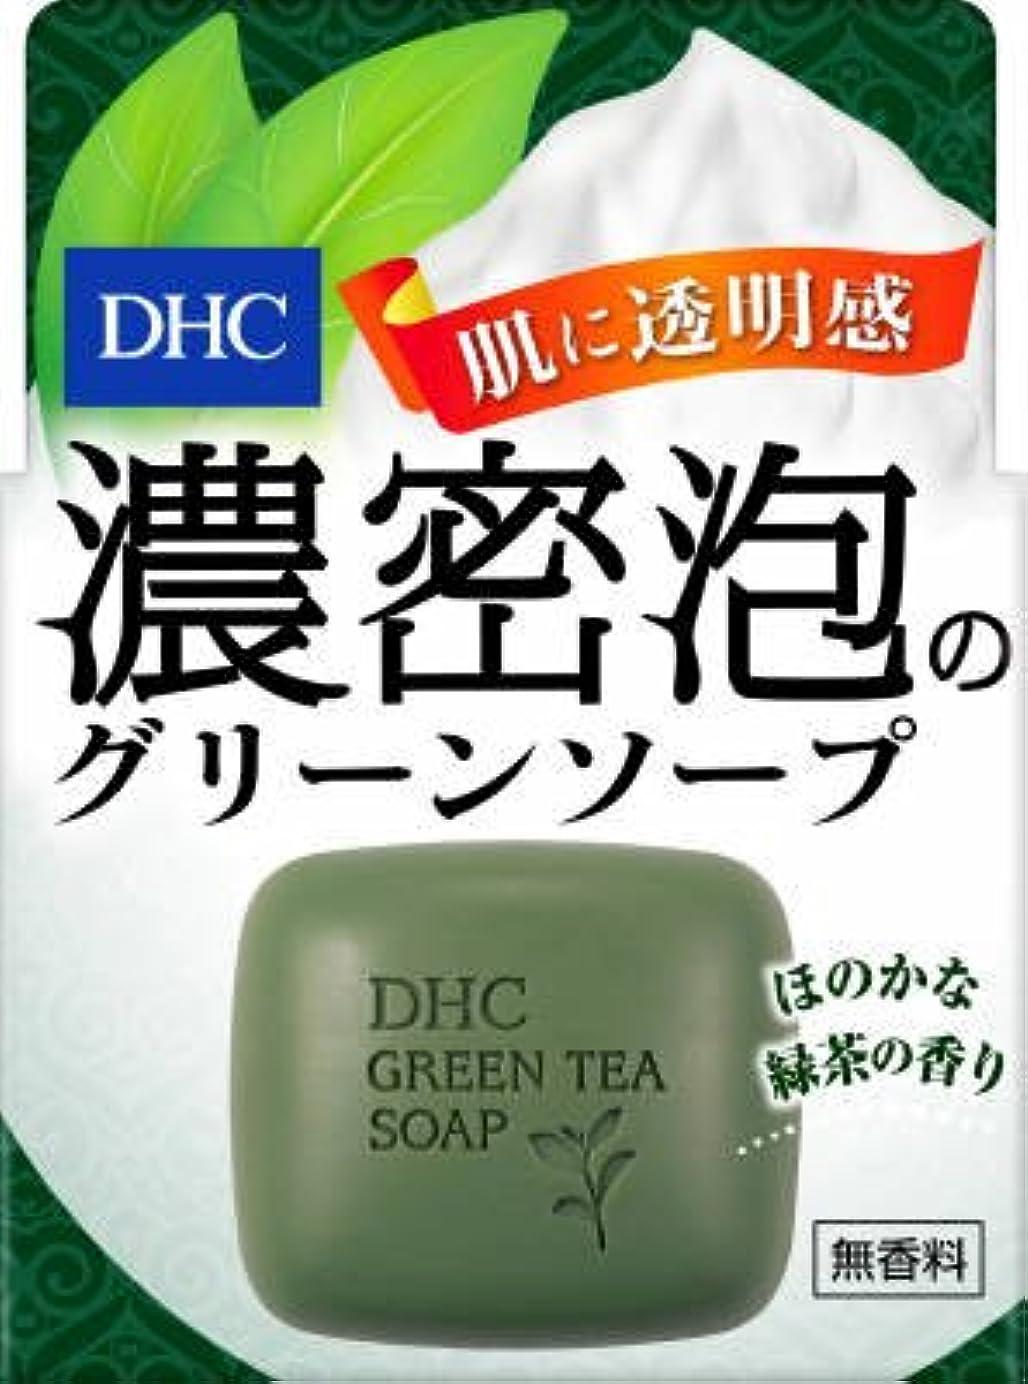 犬哲学博士従事するDHCグリーンソープ(SS)60g 国産茶葉使用の洗顔石鹸 緑茶石けん(DHC人気79位)×30点セット (4511413306826)